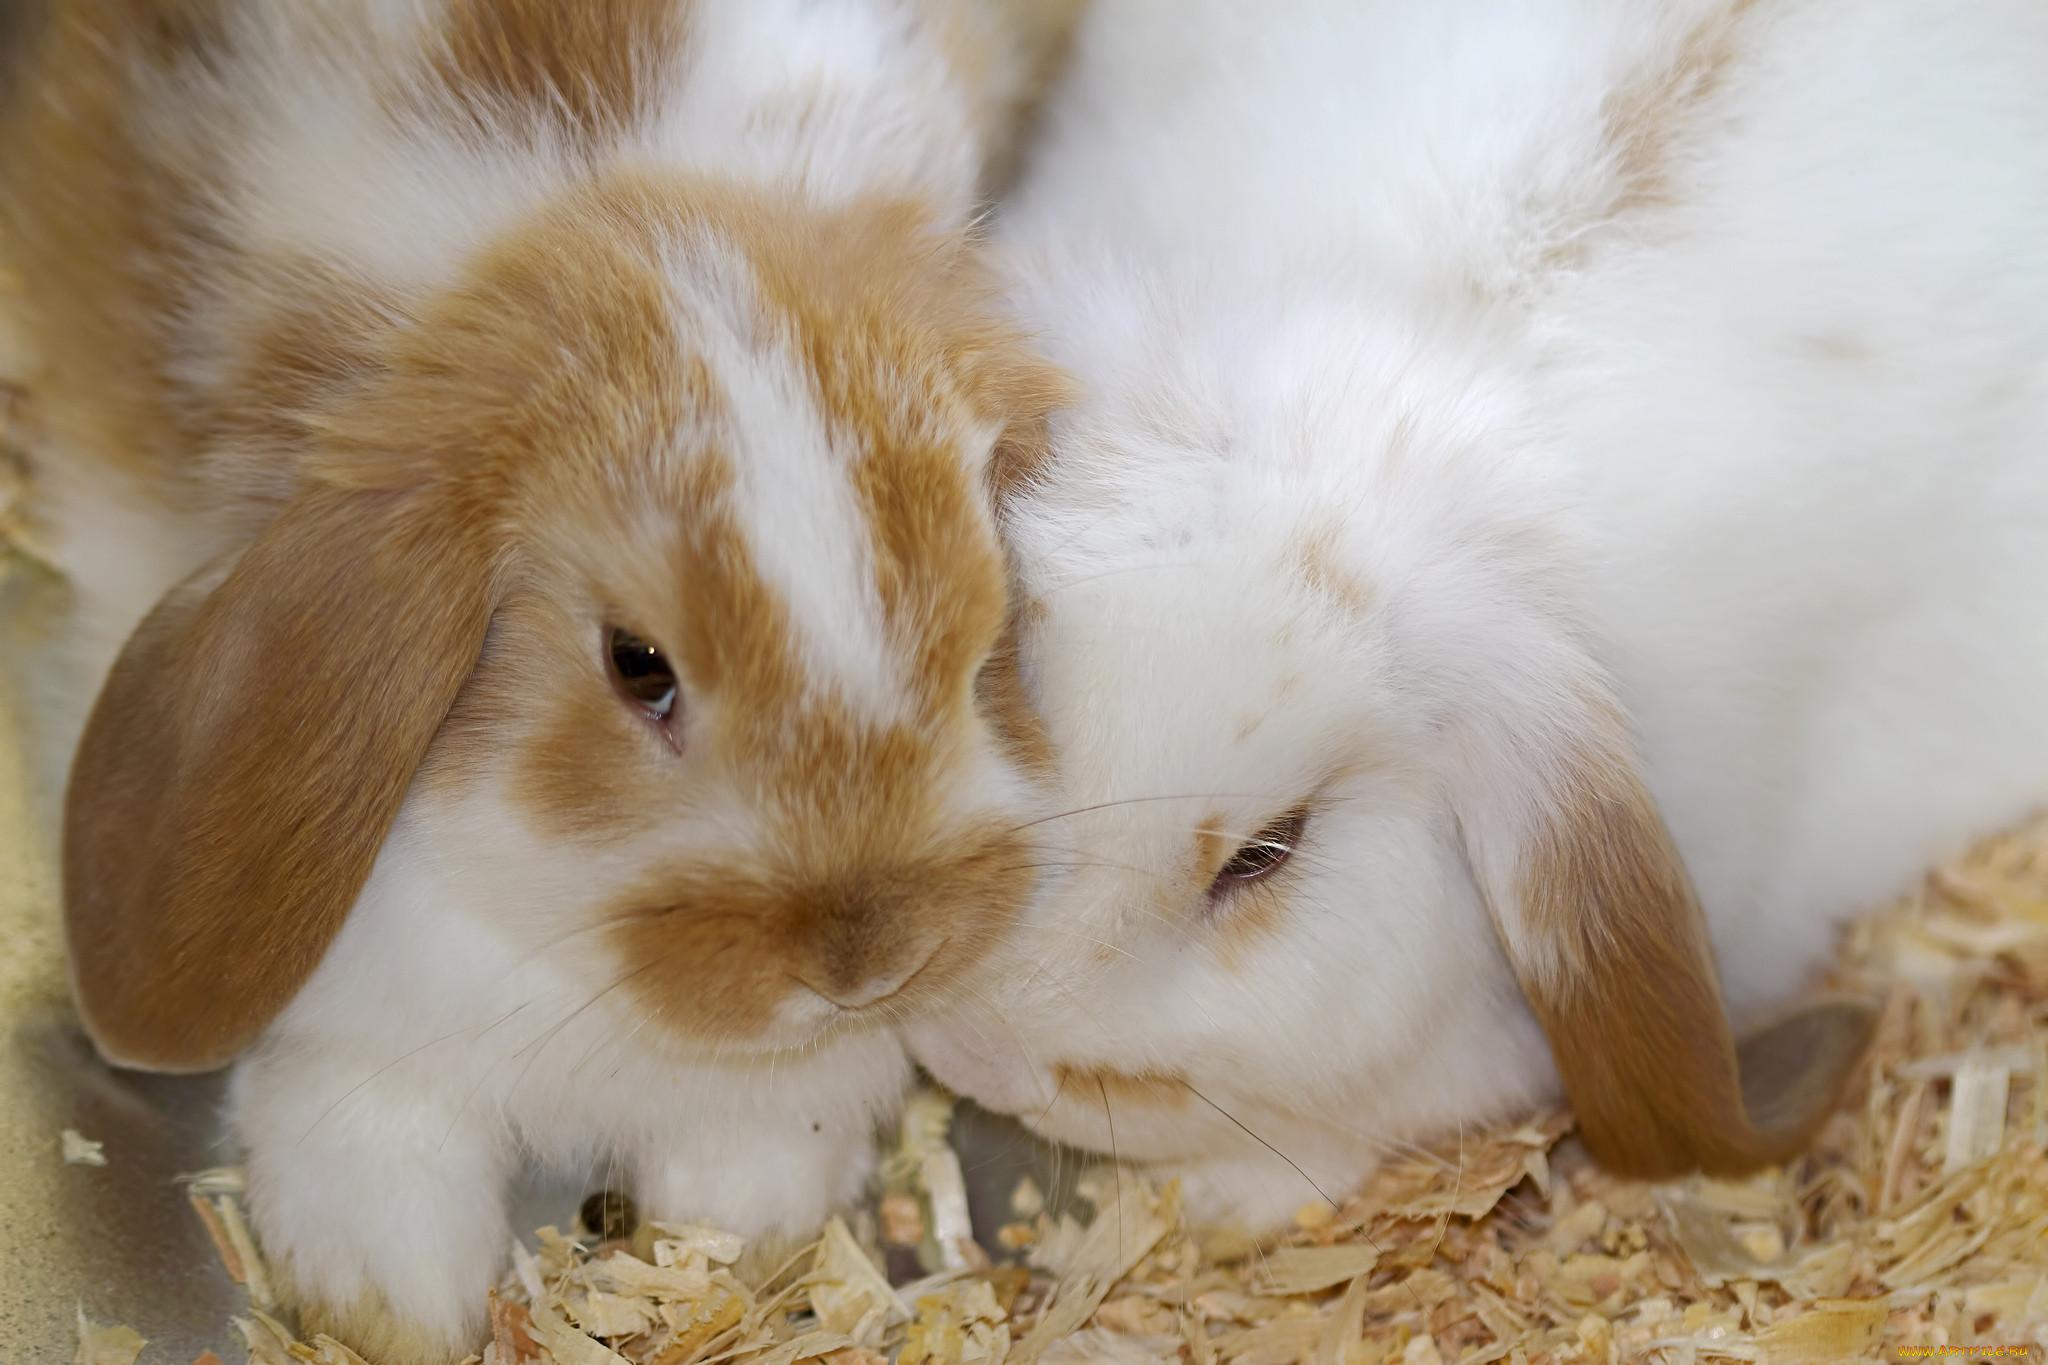 солнце кроссовер красивые открытки фото зайцы кролики была